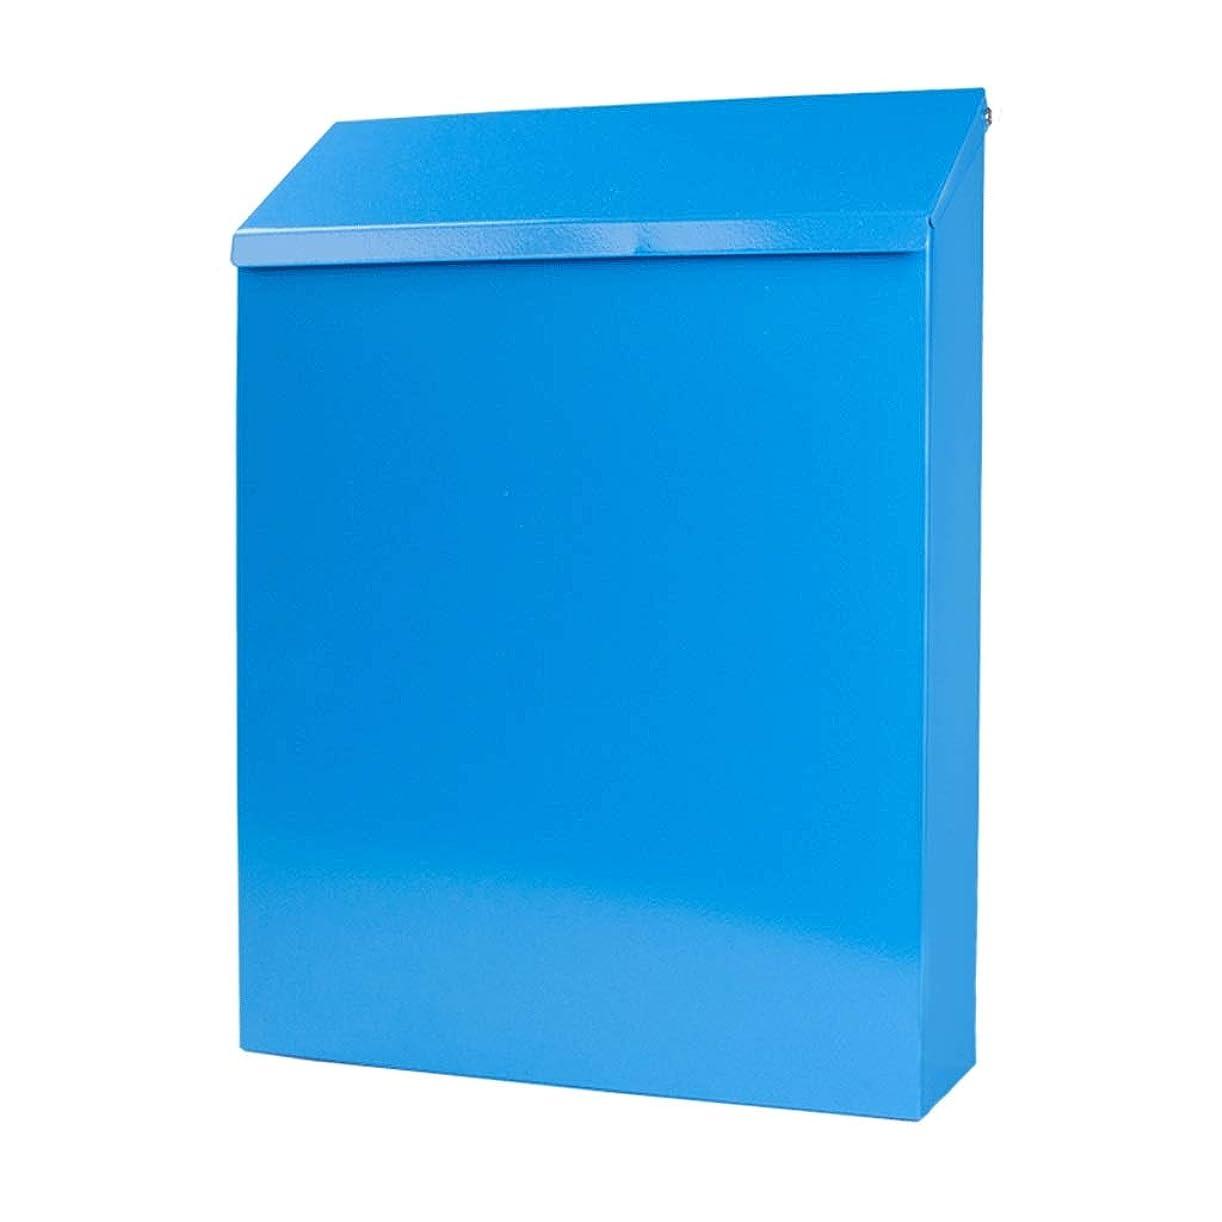 彼自身無駄だポゴスティックジャンプロックウォールマウントメールボックス、防錆そして、耐候性小容量のメールボックス、住宅ビジネススクールのために、5色 (Color : Blue)